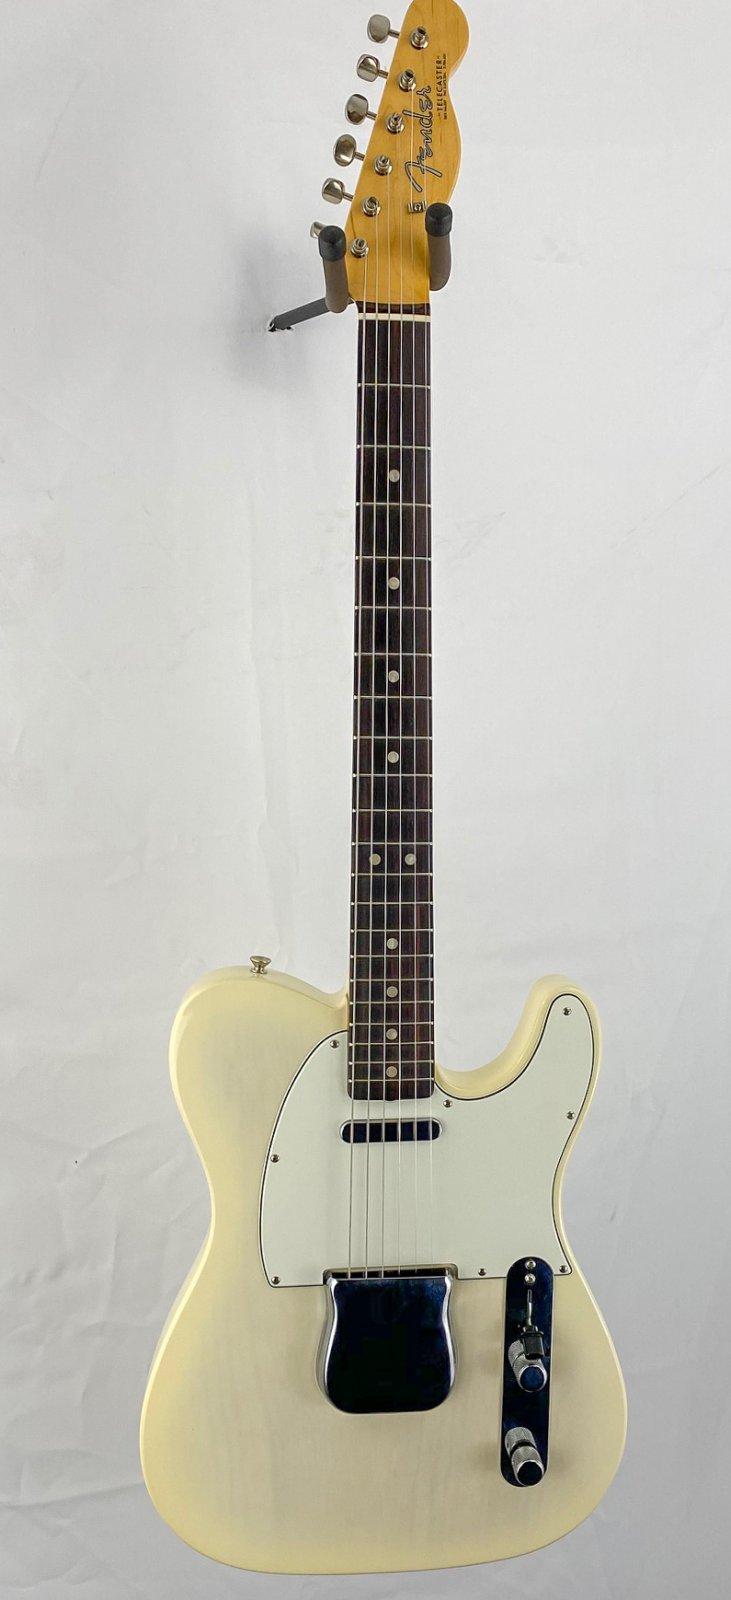 2015 Fender AVRI 64 Tele reissue